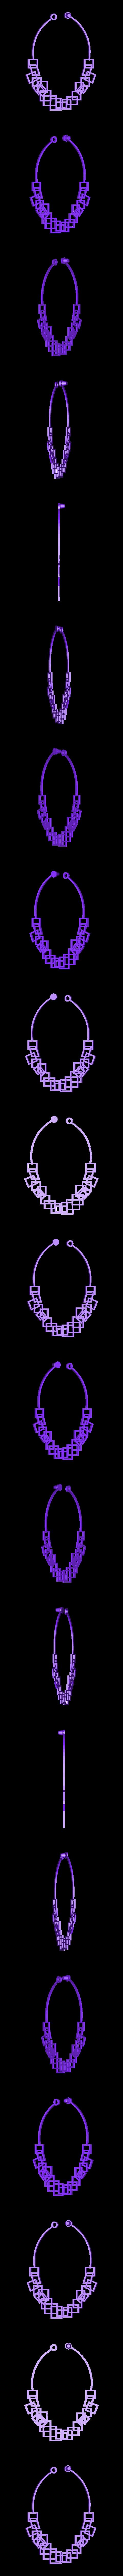 collier silicone.STL Download STL file silicone collar • 3D printable model, max123